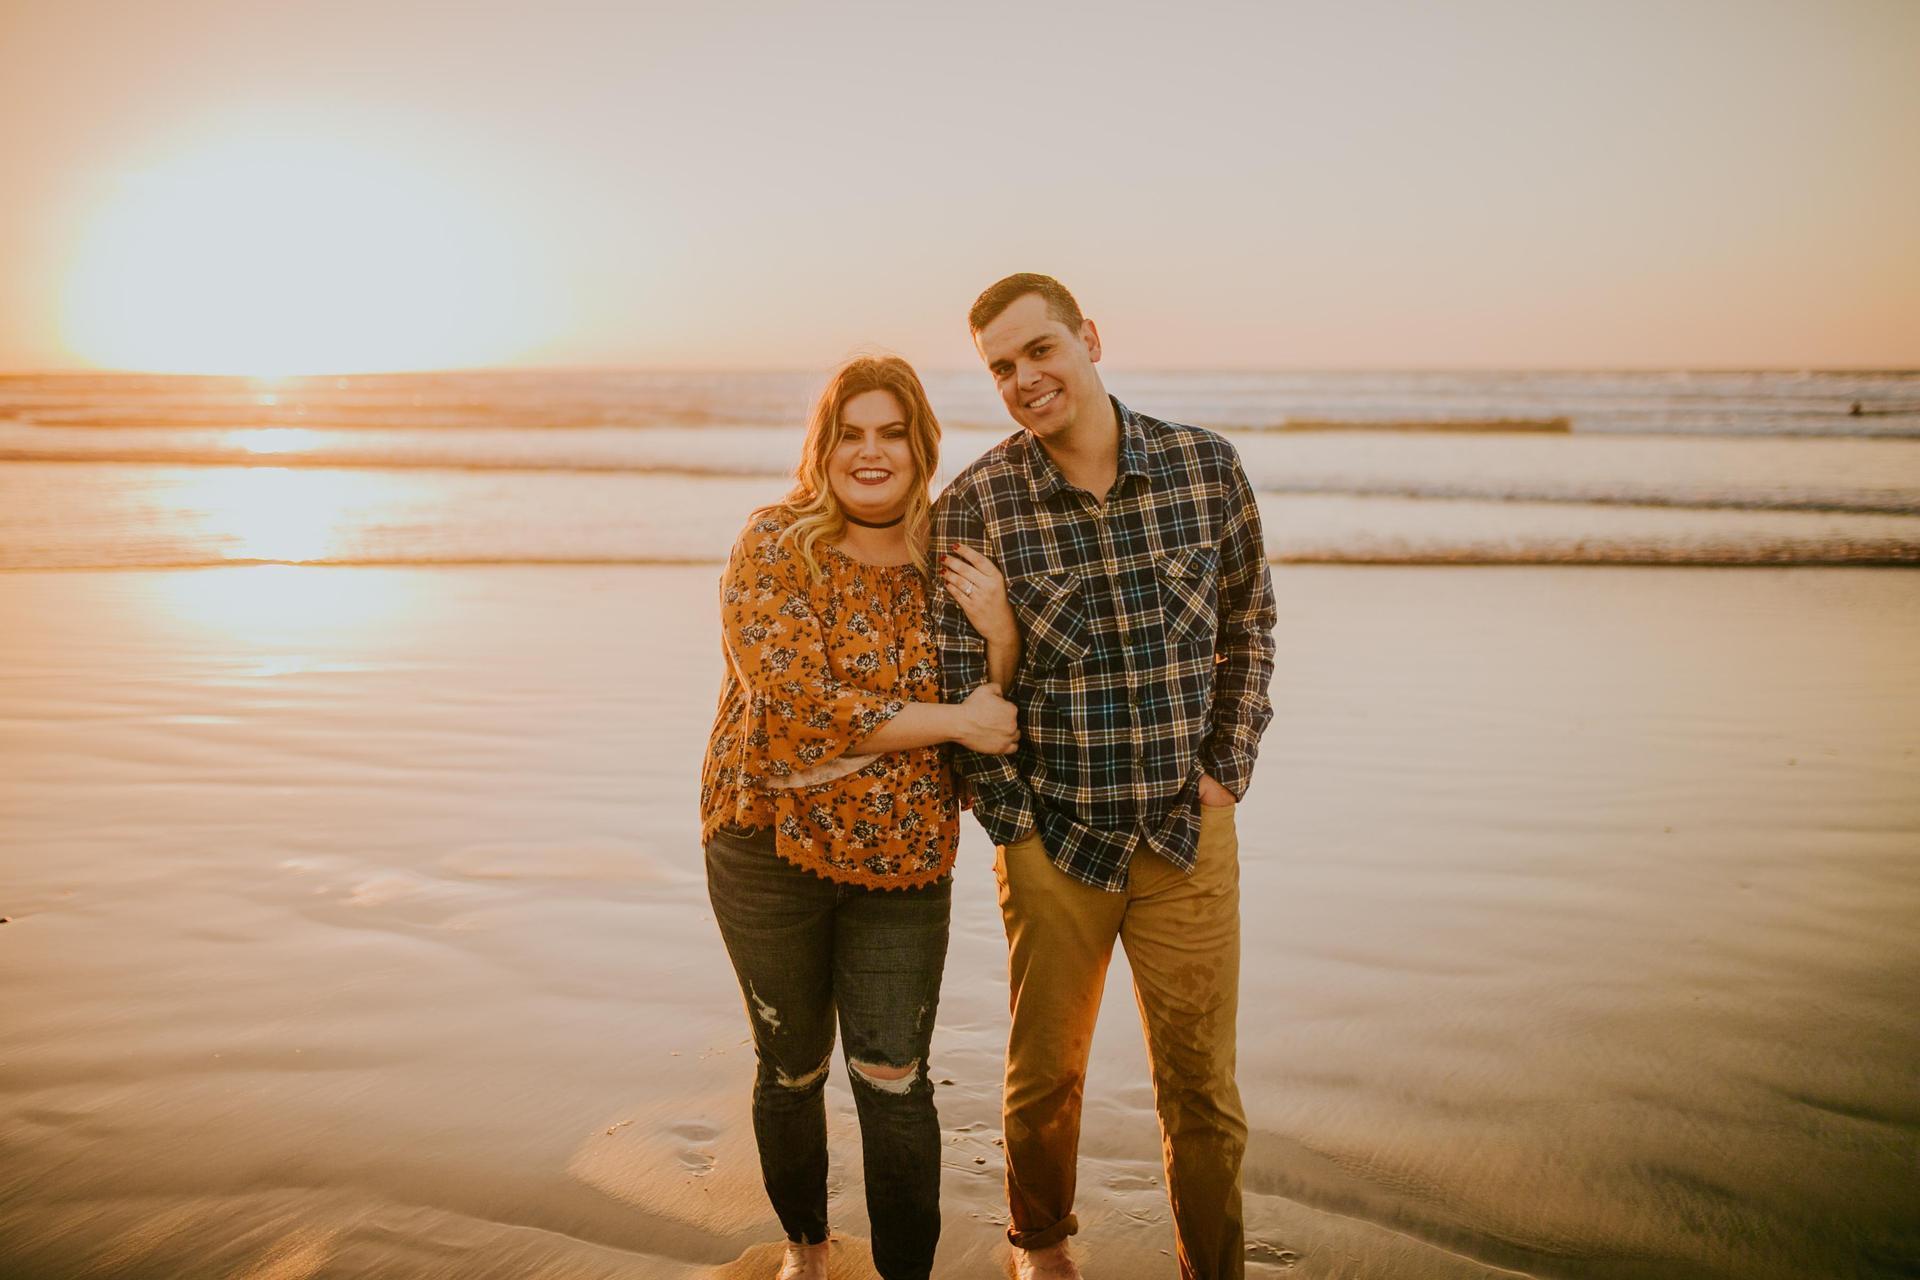 Mr. & Mrs. Brunette